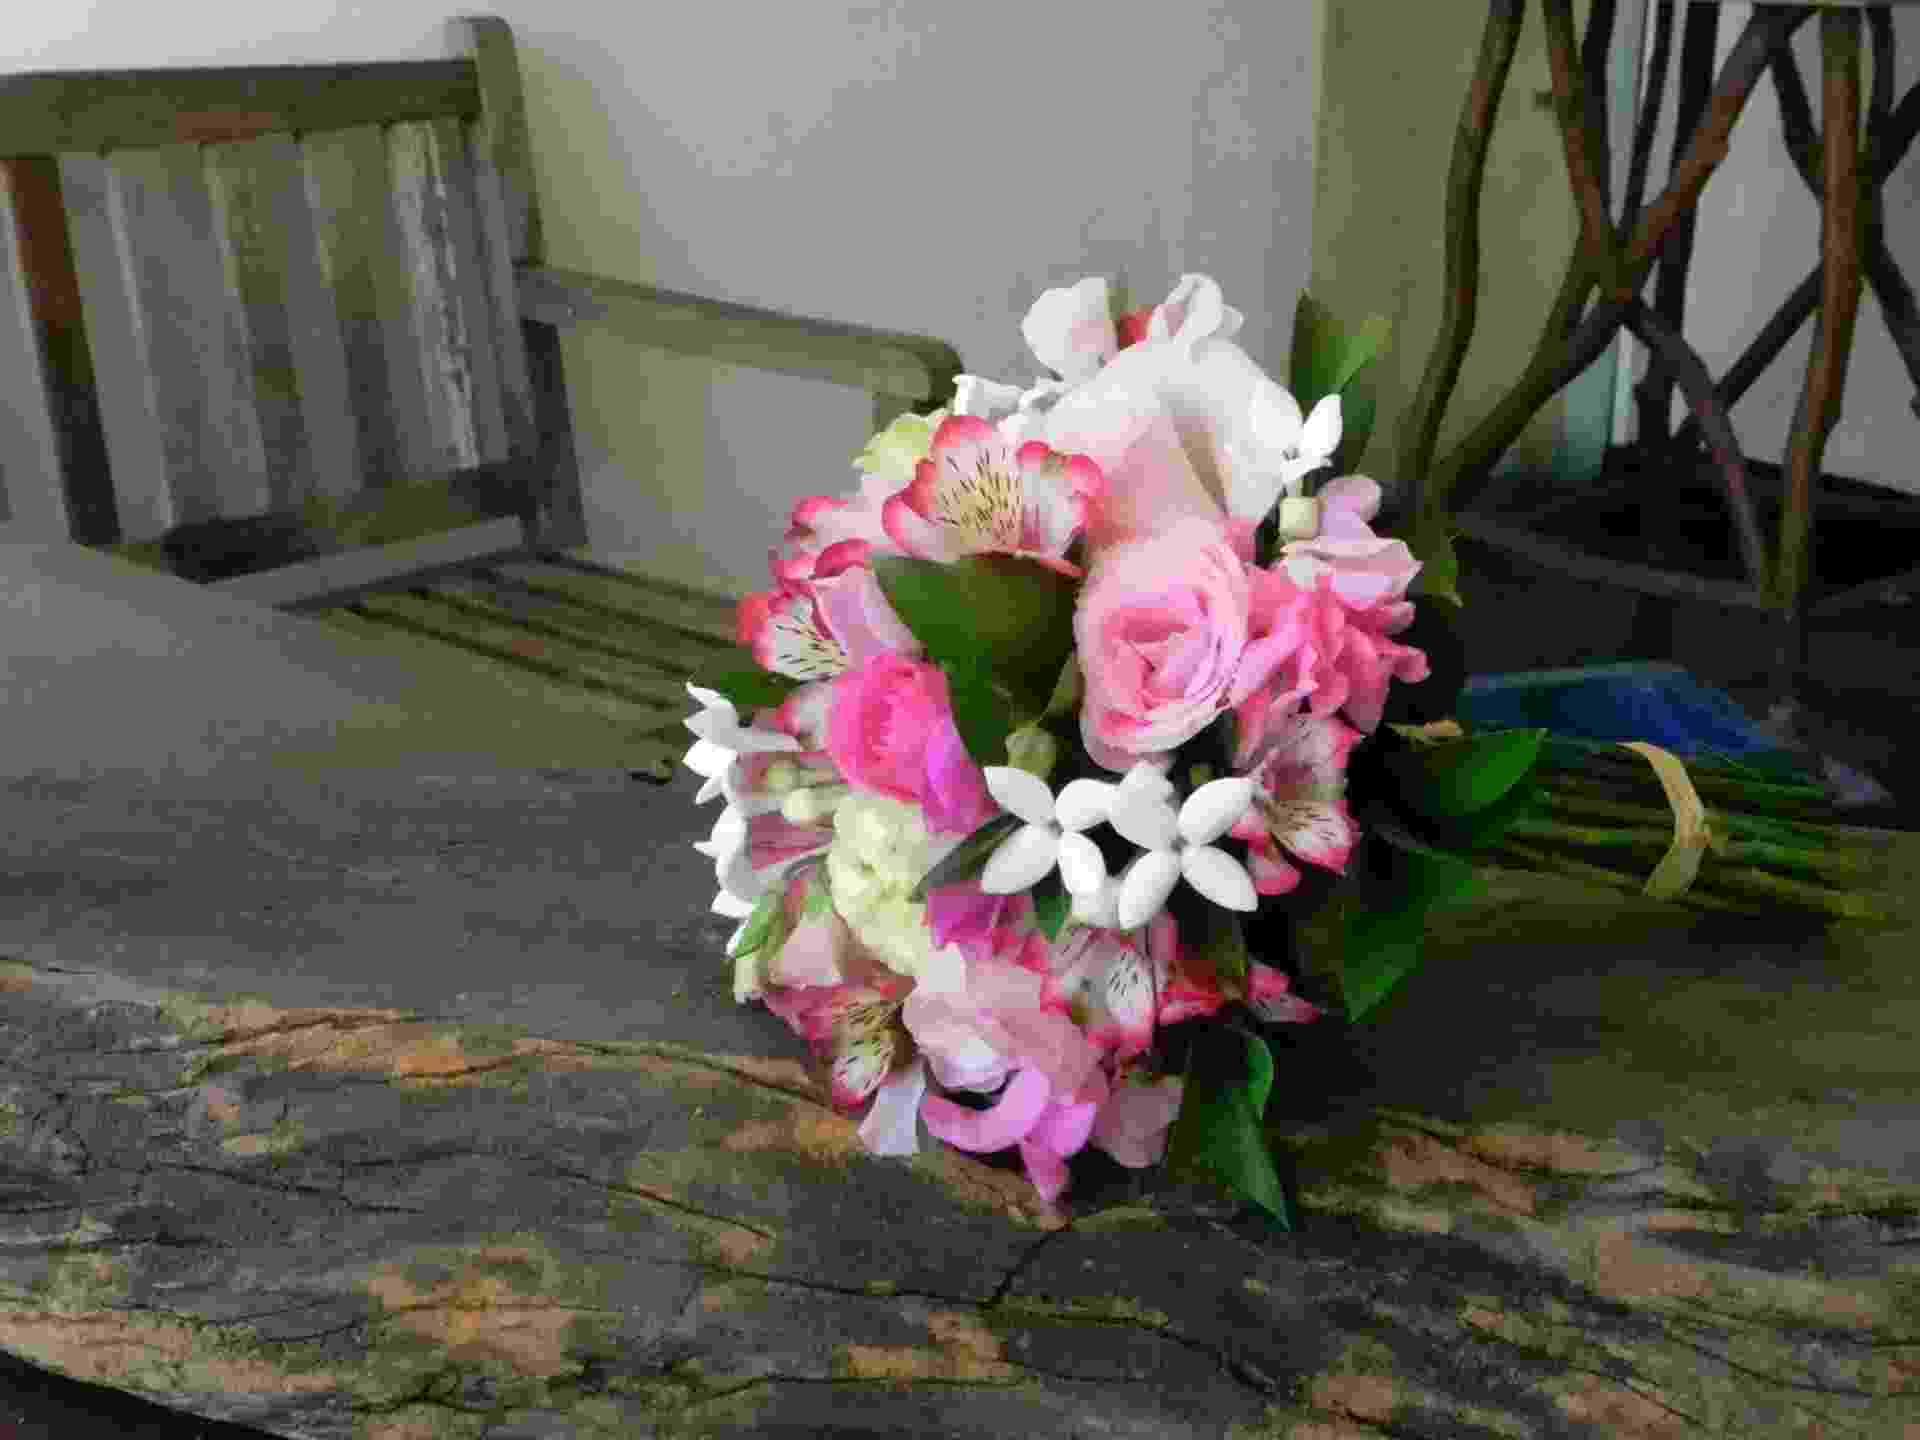 Buquê composto com rosas cor de rosa, hortências brancas, alstroemérias, ervilhas de cheiro, buvárdias e folhagens de ruscus; por R$ 400, na Escarlate Flores (www.escarlateflores.com). Preço consultado em julho de 2012 e sujeito a alterações              - Escarlate Flores/Divulgação